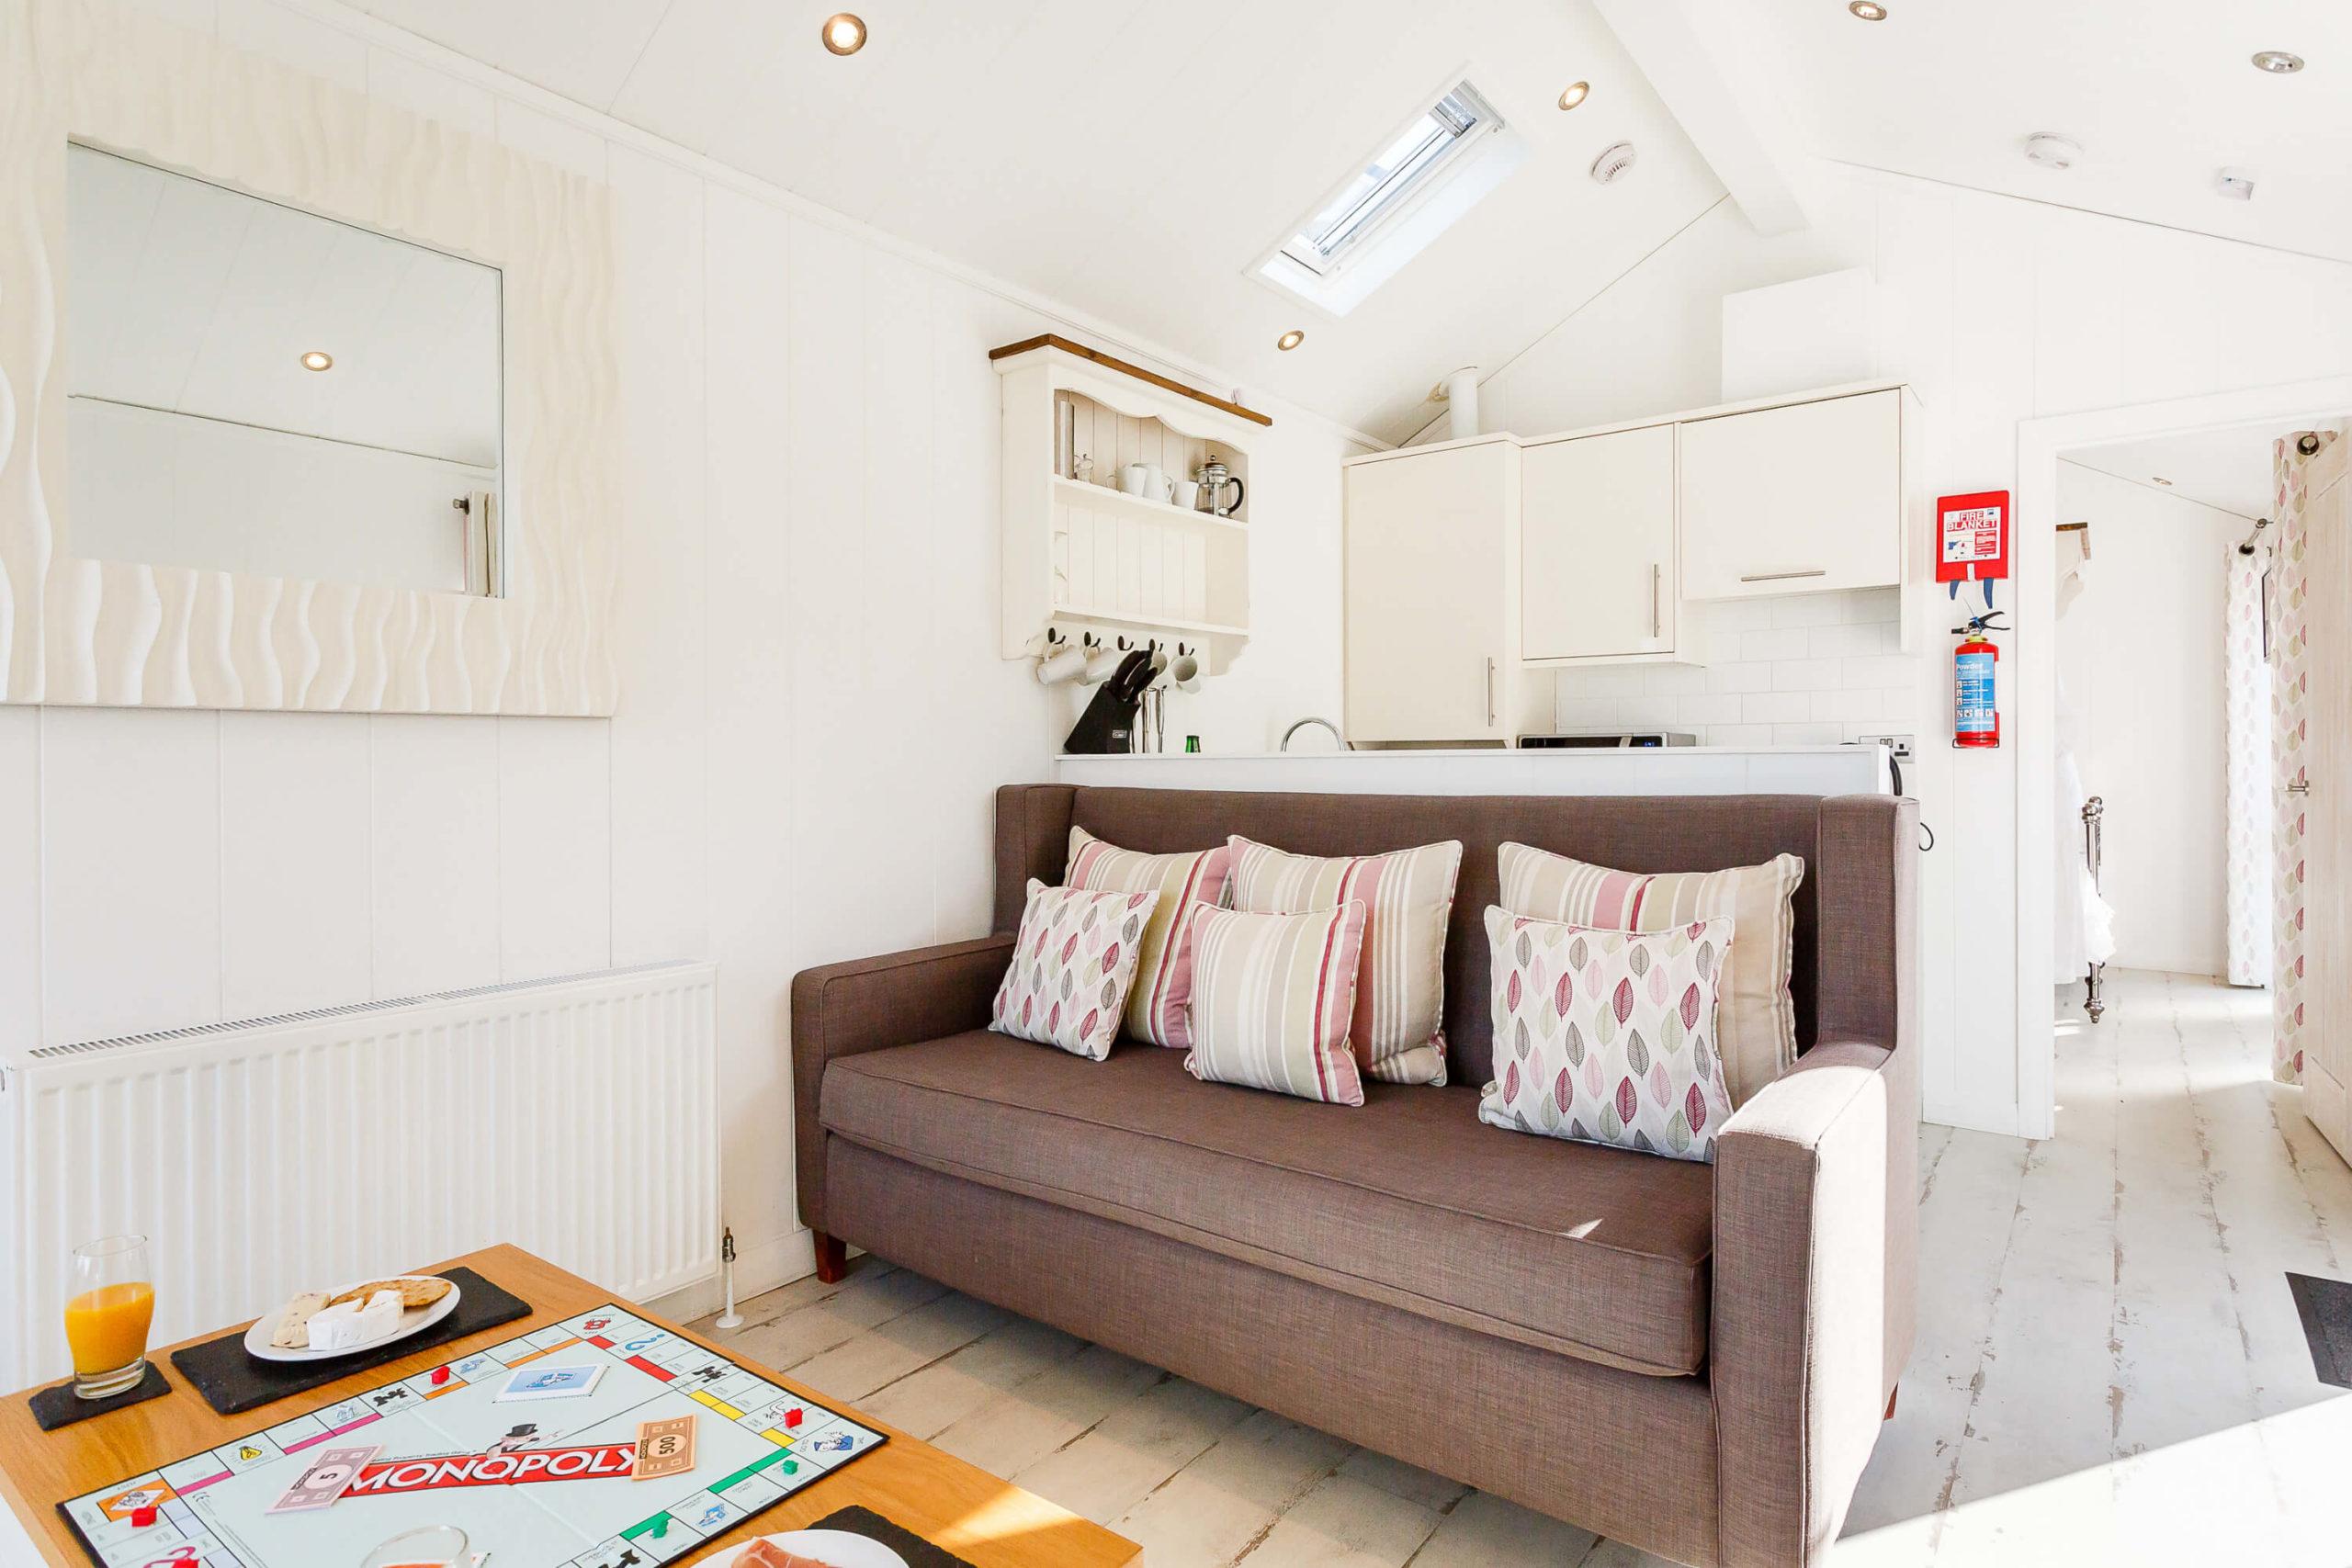 Interior shot of a lounge in a beach hut